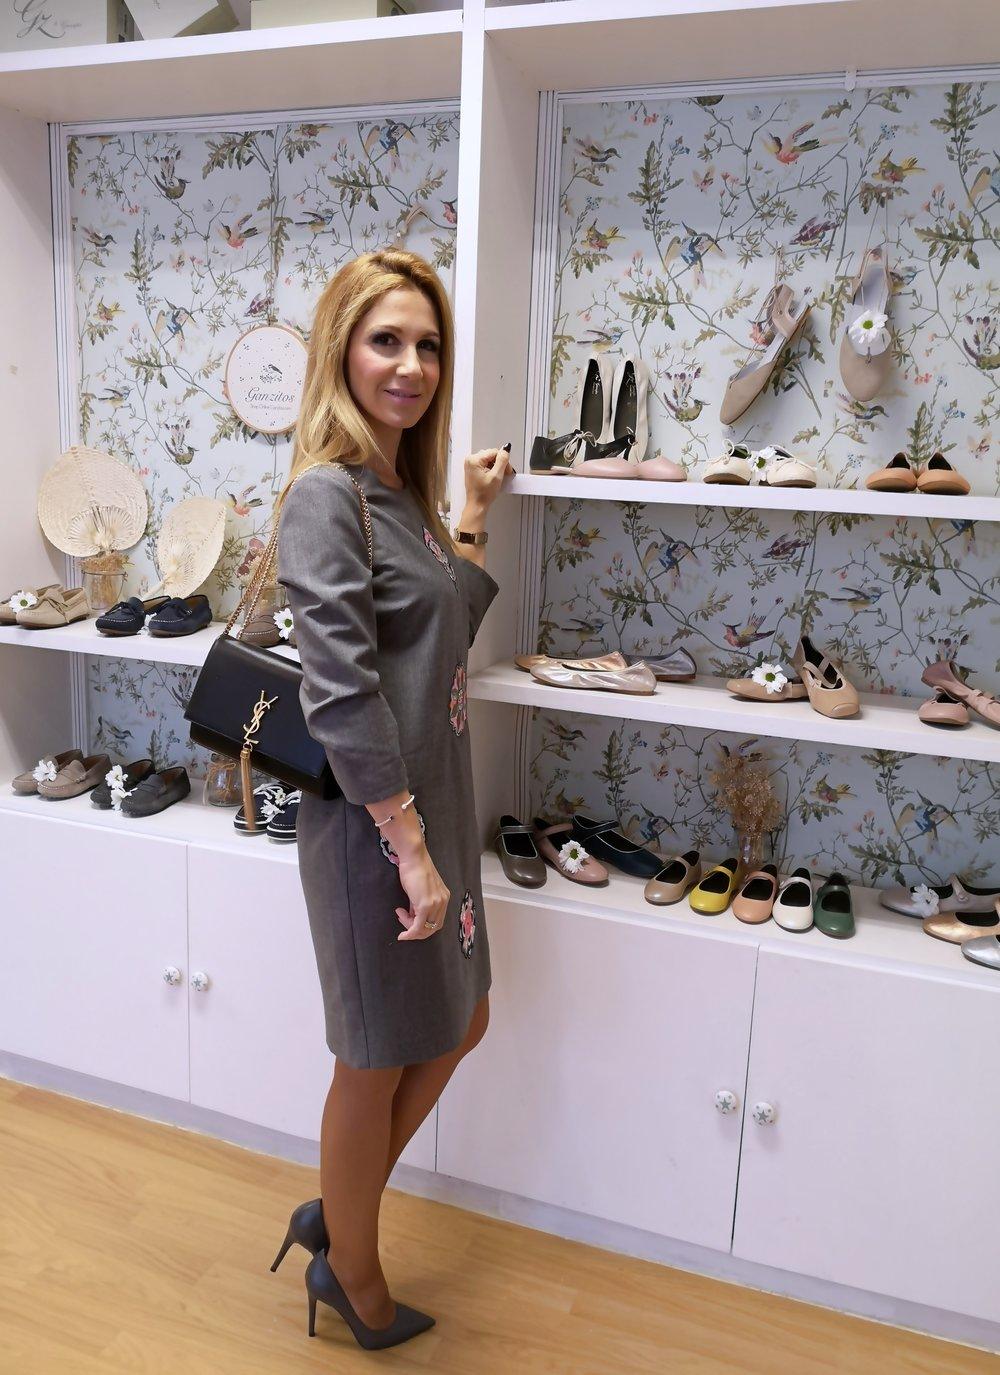 So nice Ganzitos shoes!/ Ideales los zapatitos de Ganzitos!